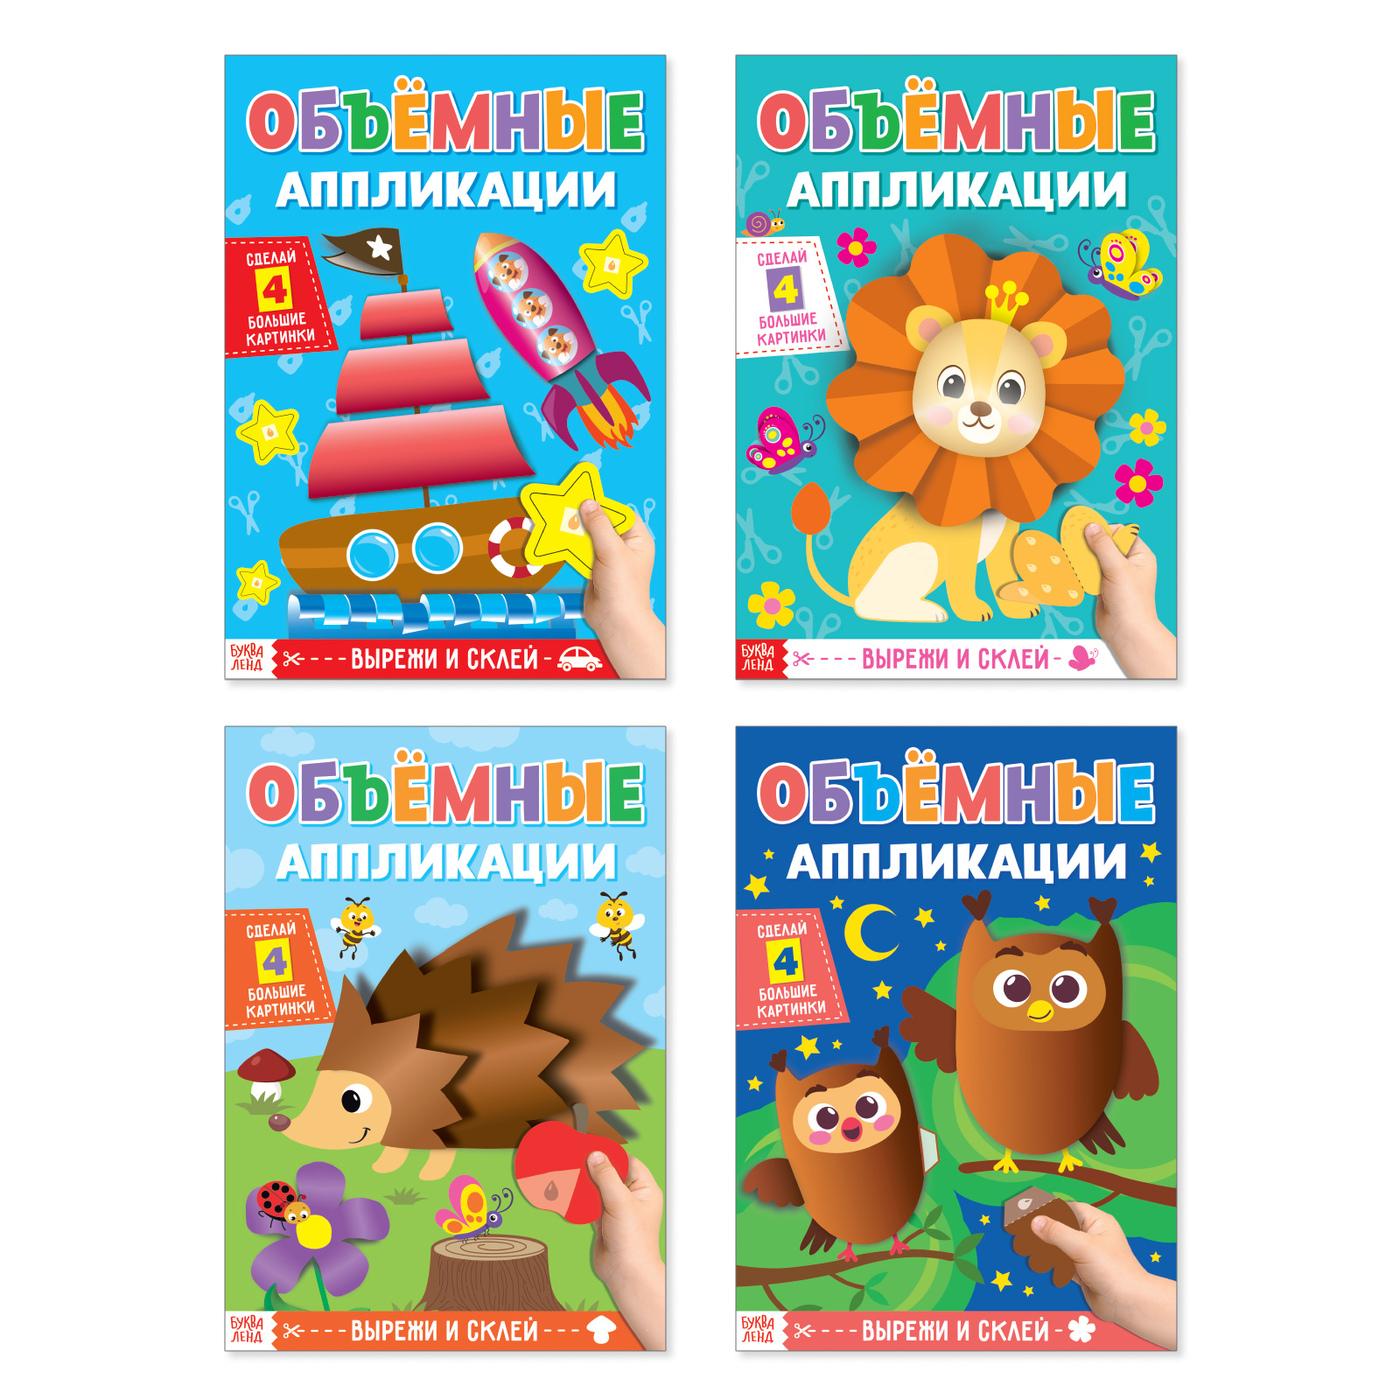 idei-podarkov-v-detskij-sad-nabor-applikacij